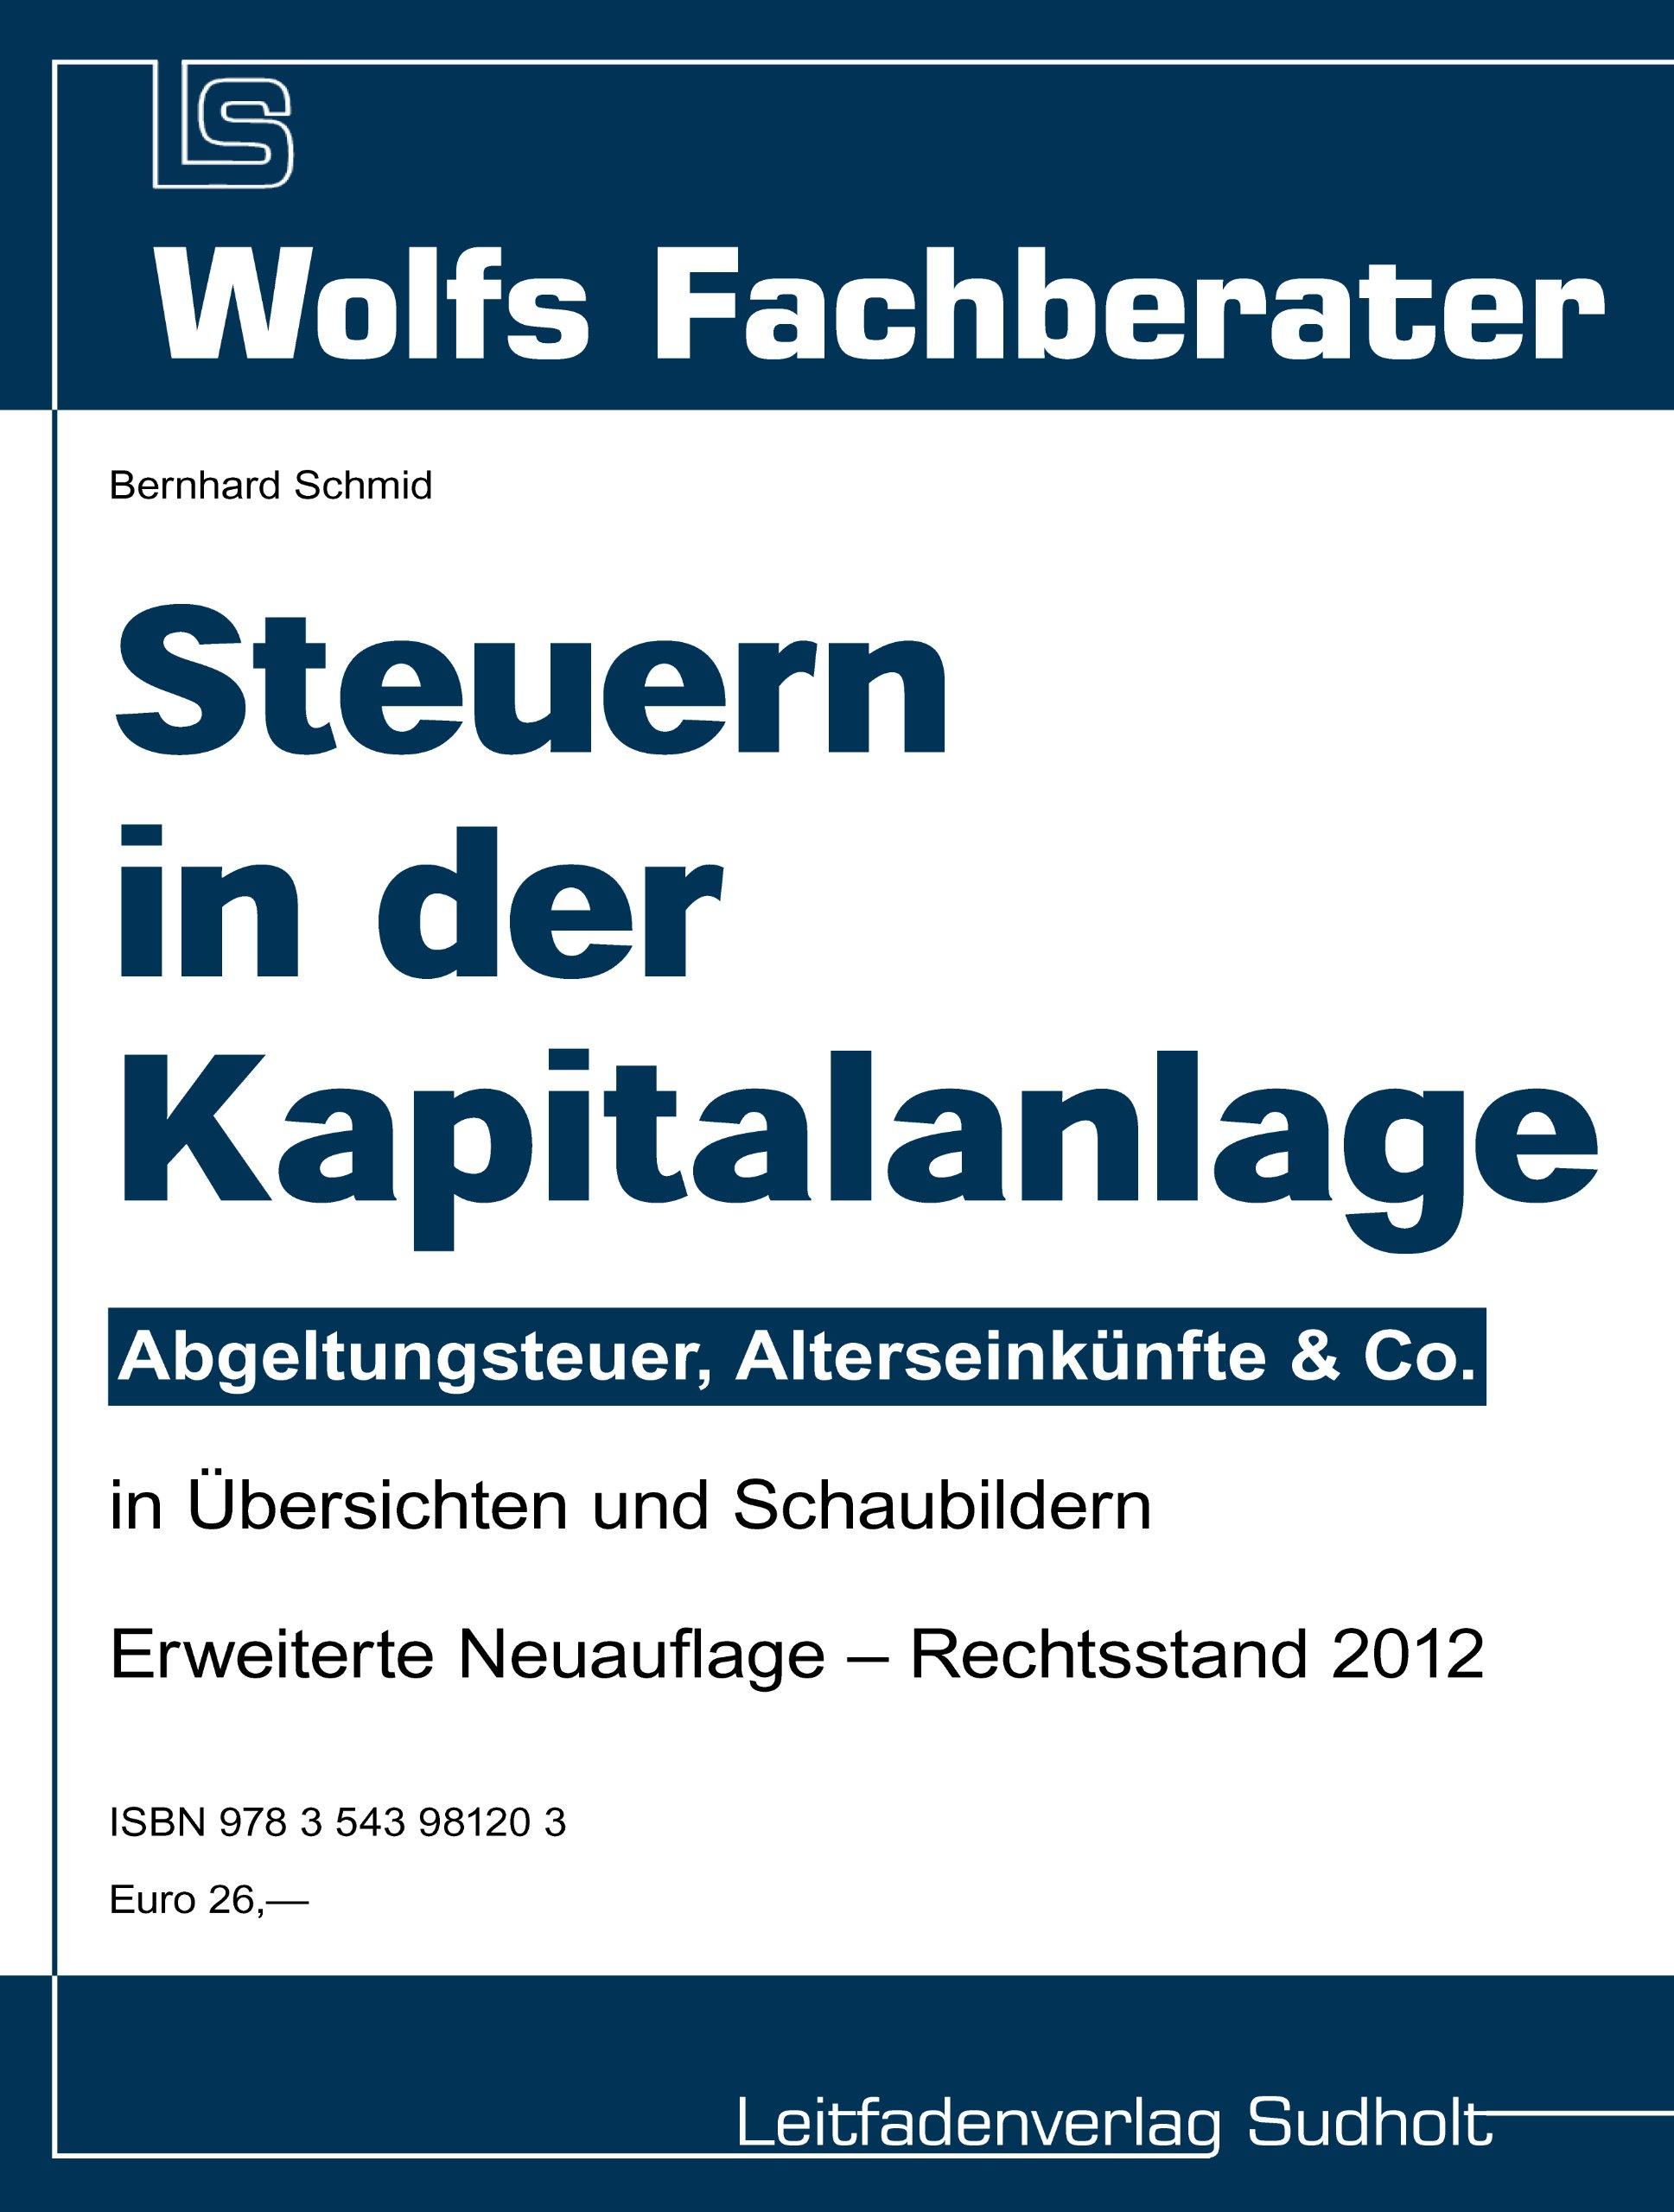 Steuern in der Kapitalanlage 2012 (Wolfs Fachberater)